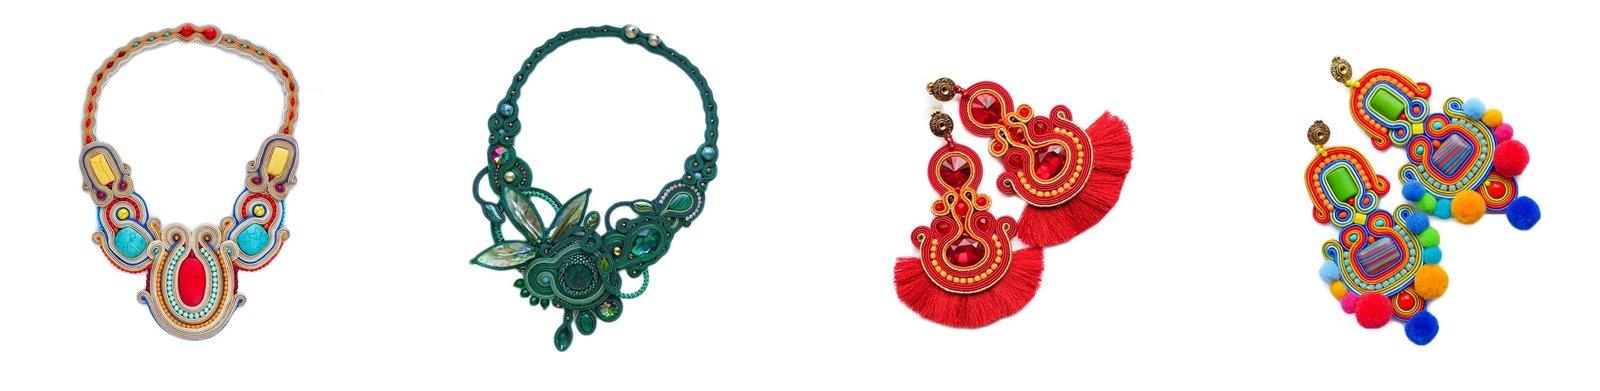 zdj 6 mró soutache jak zrobić biżuterię techniką soutache kolczyki biżuteria na wesele ślub pompony tęczowa kolorowa polska firma wyrób biżuterii ręczna biżuteria handmade sandały z pomponami wywiad pomysł biznes